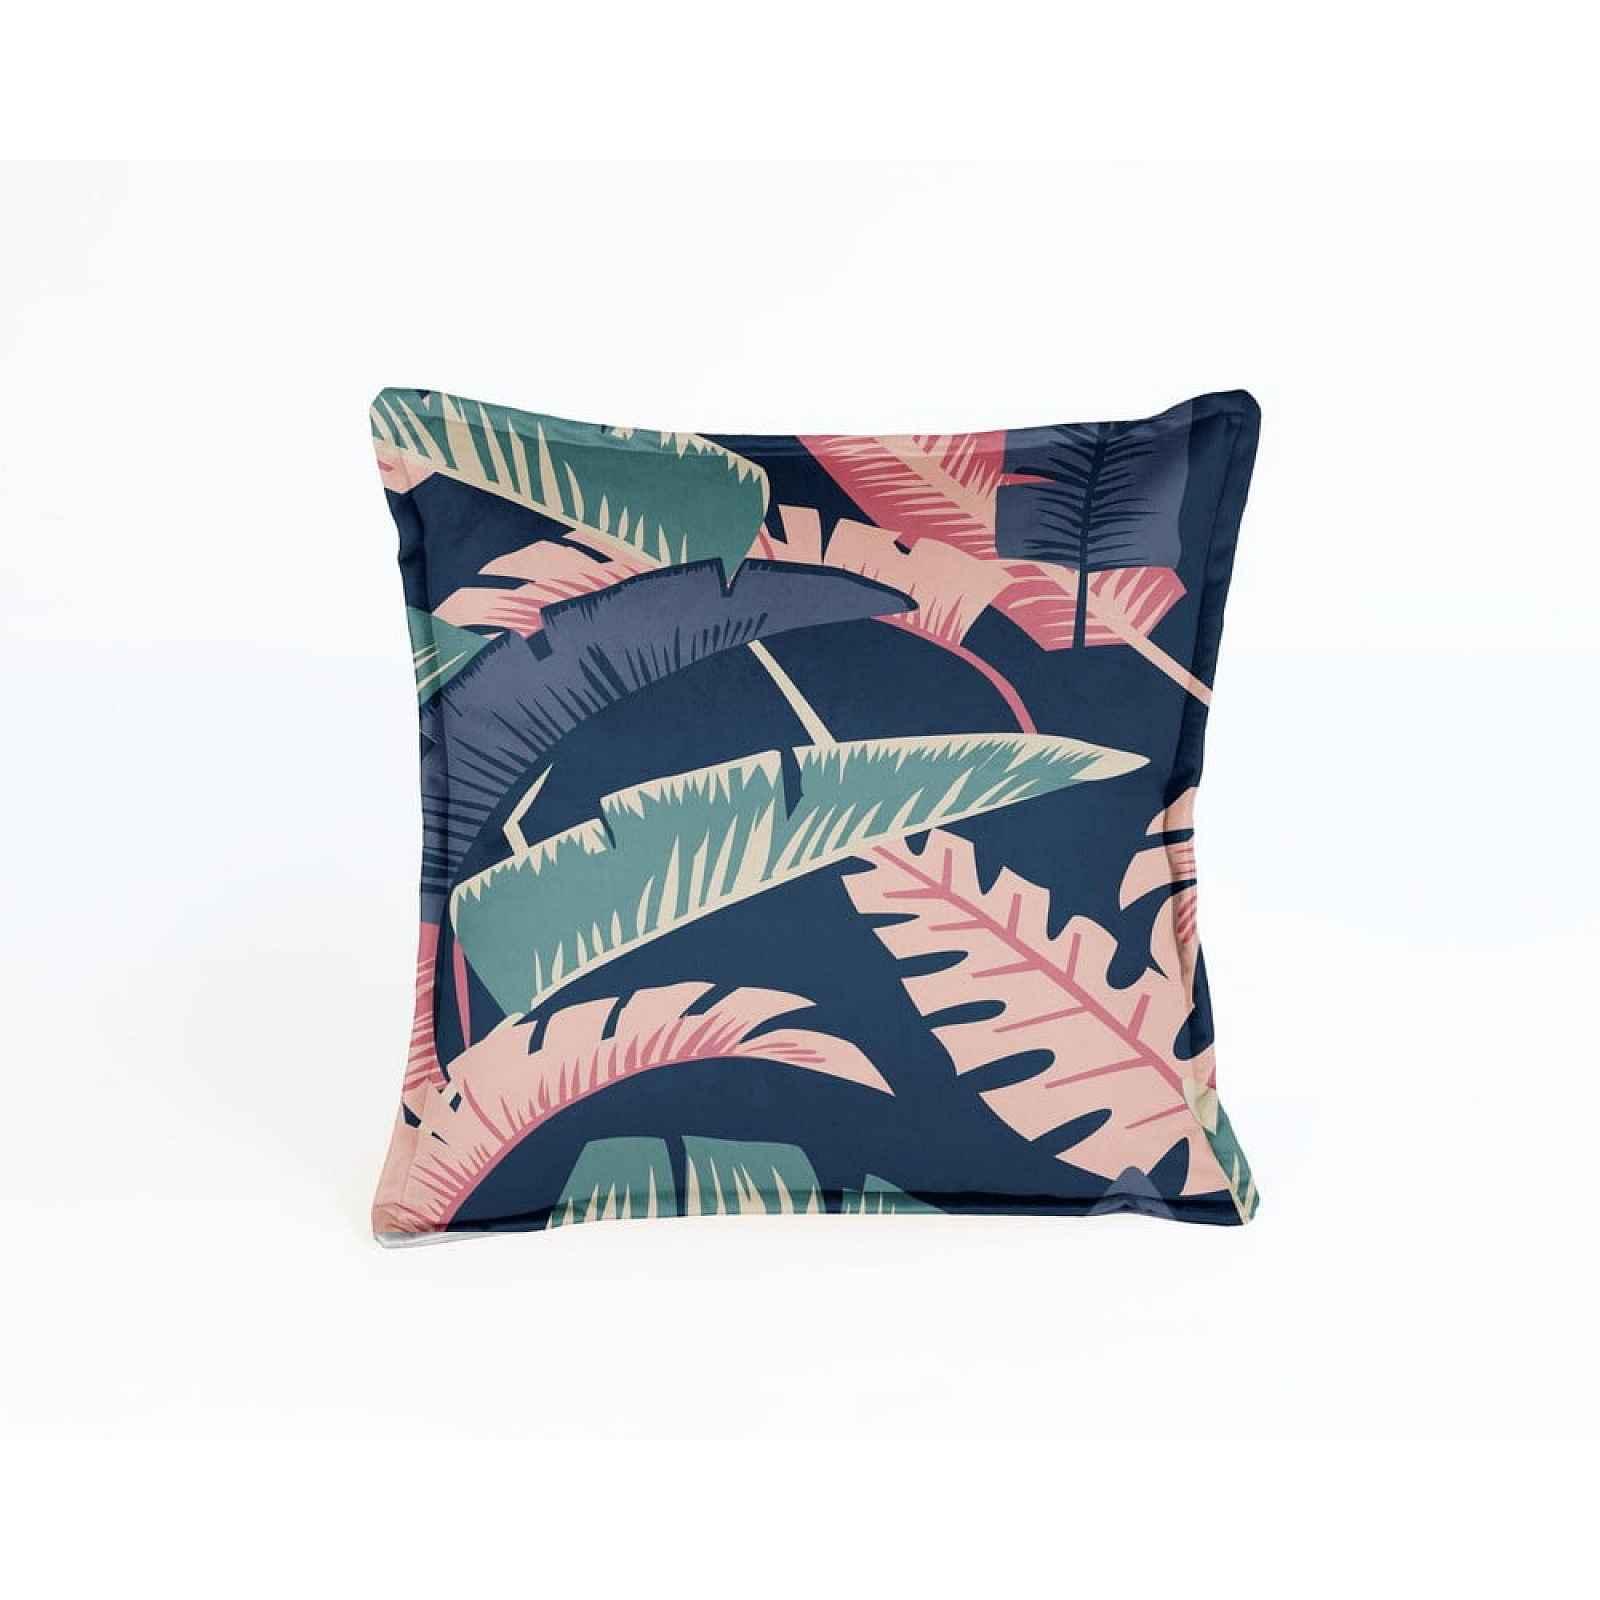 Modro-růžový sametový polštář Velvet Atelier Susan,45x45cm